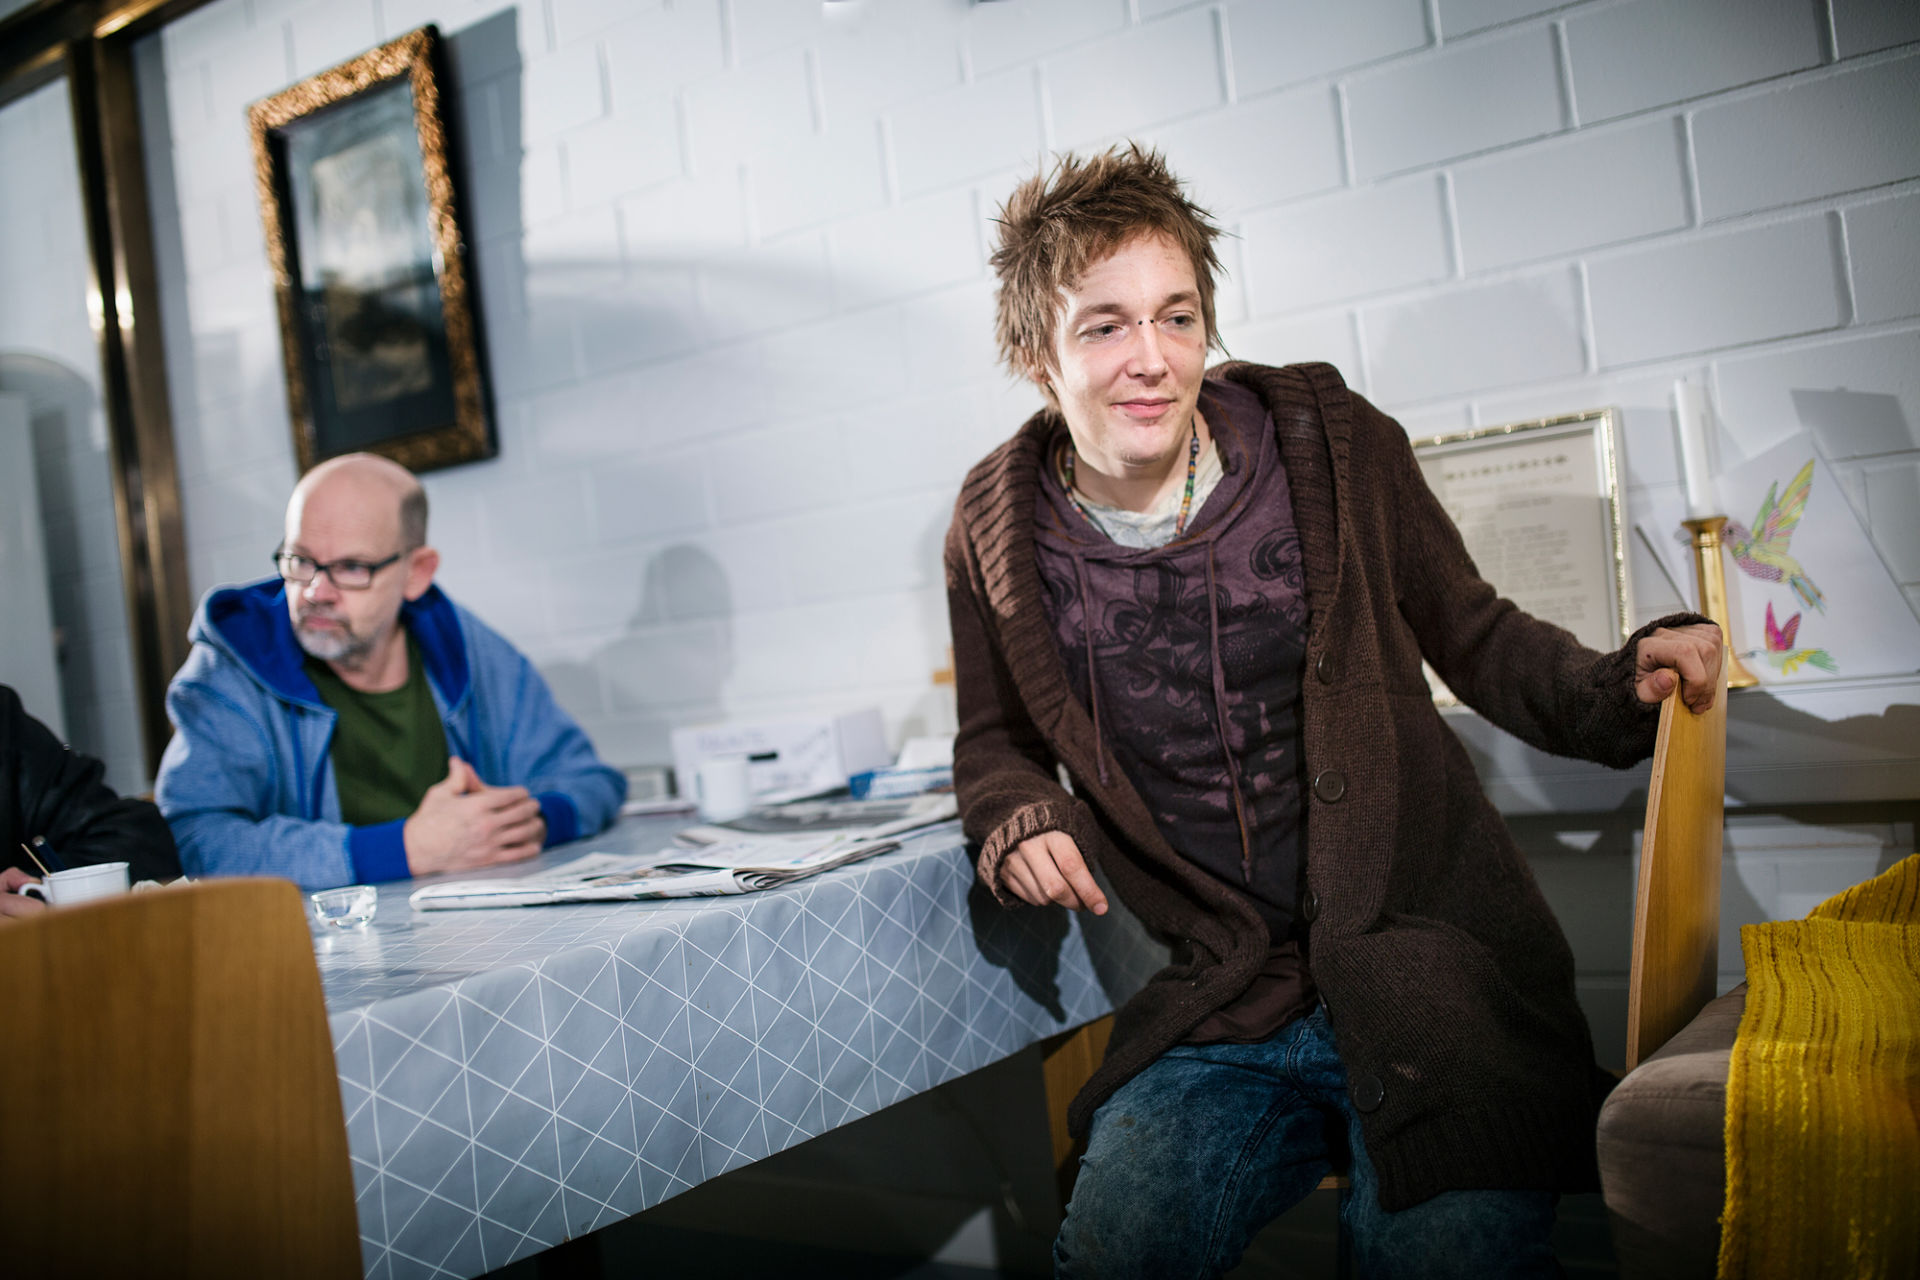 Nuori mies istuu pöydän ääressä päiväkeskuksessa.